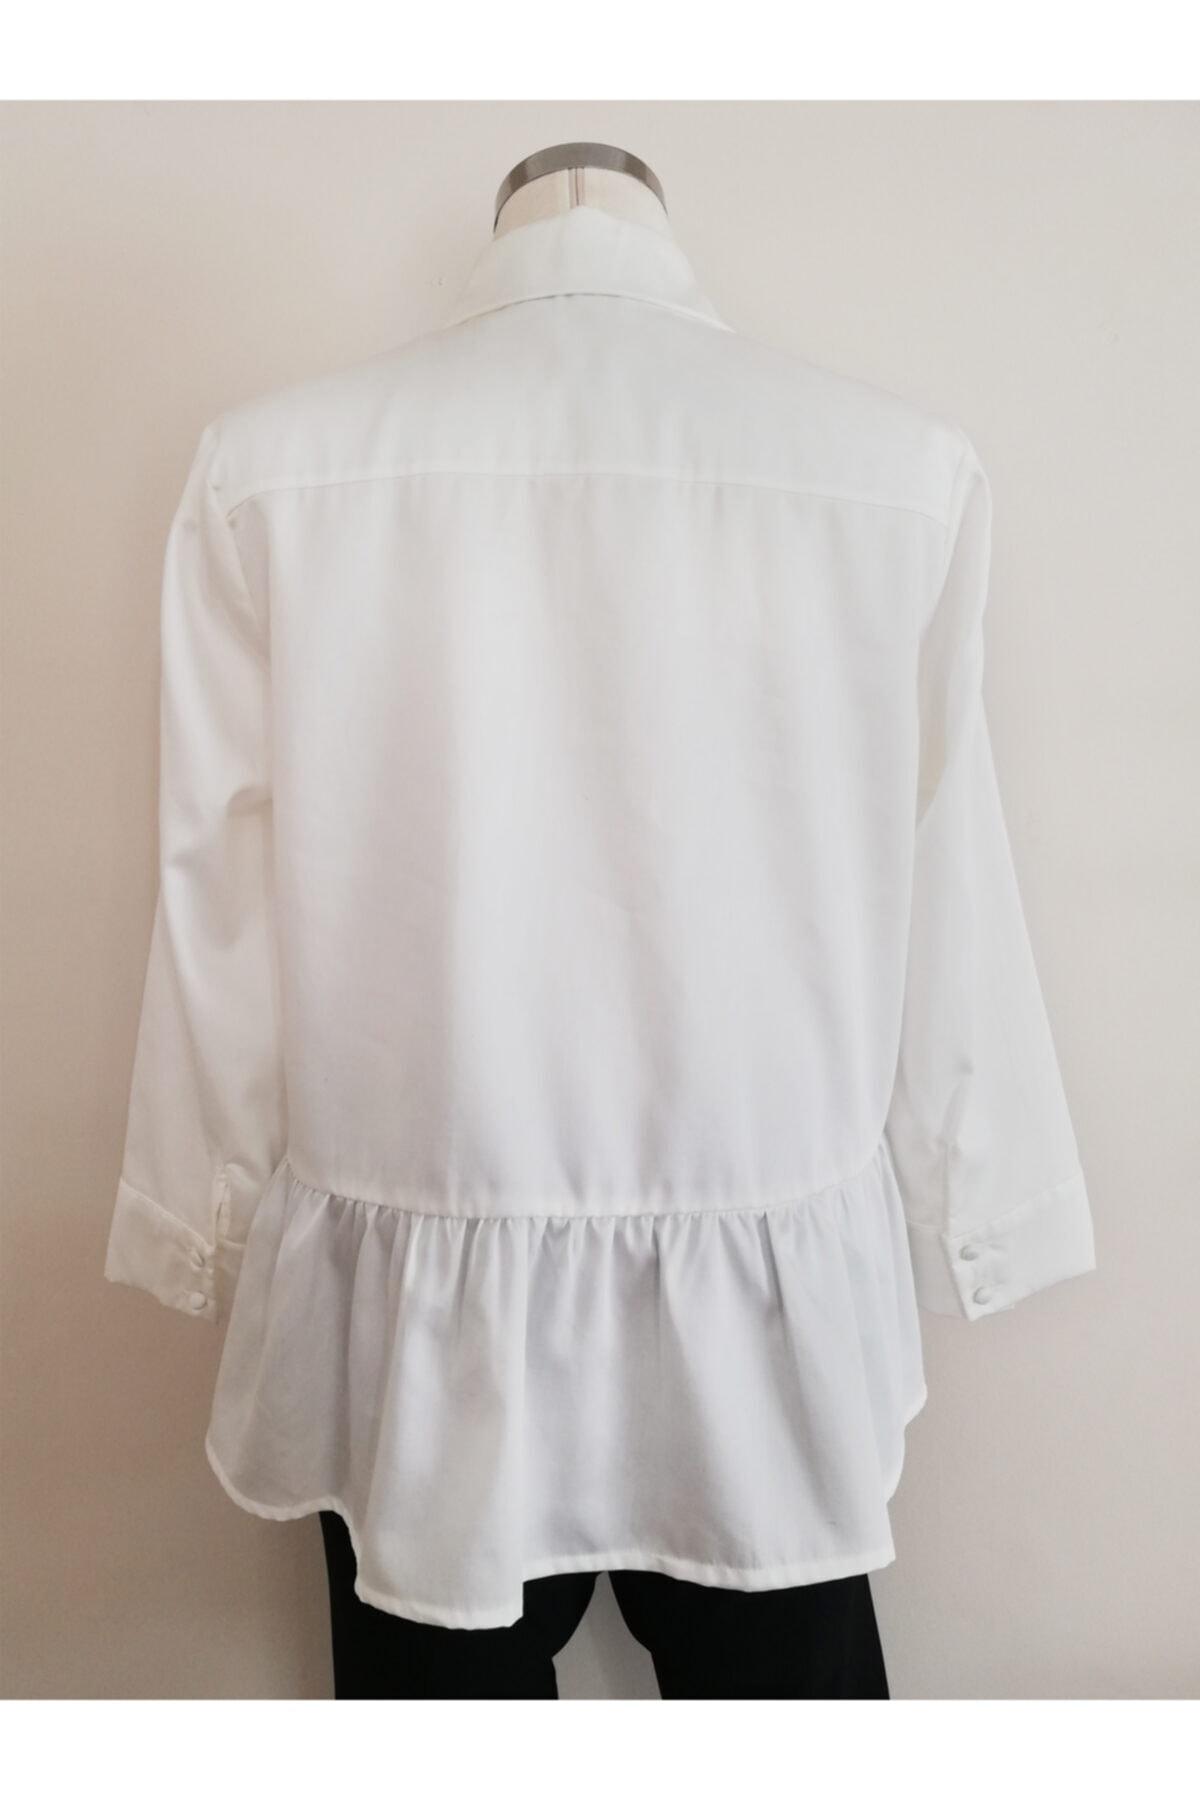 Vekem Kadın Beyaz Pamuk Gömlek 2